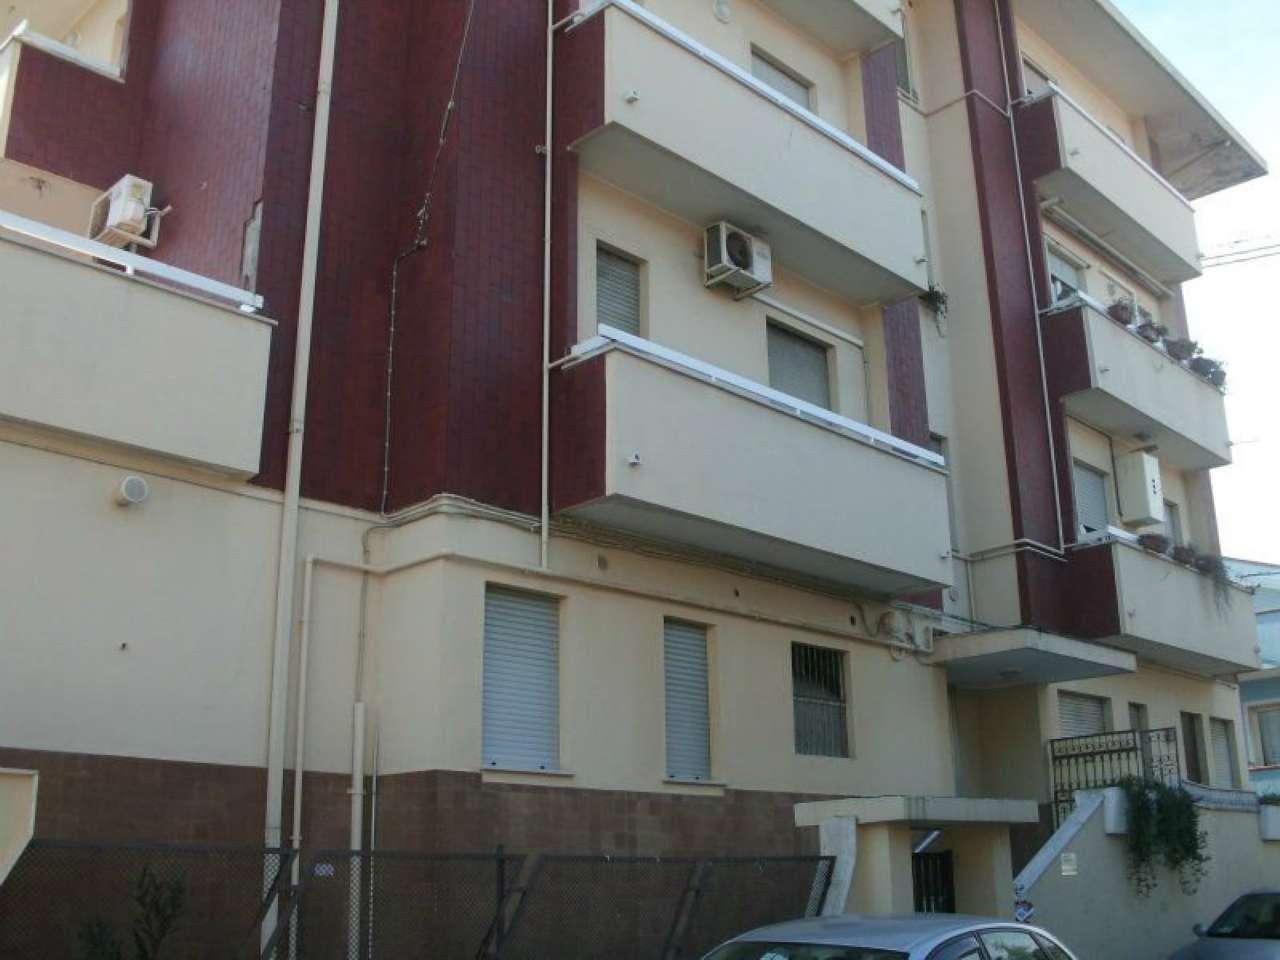 Appartamento in affitto a Montesilvano, 2 locali, prezzo € 380 | Cambio Casa.it